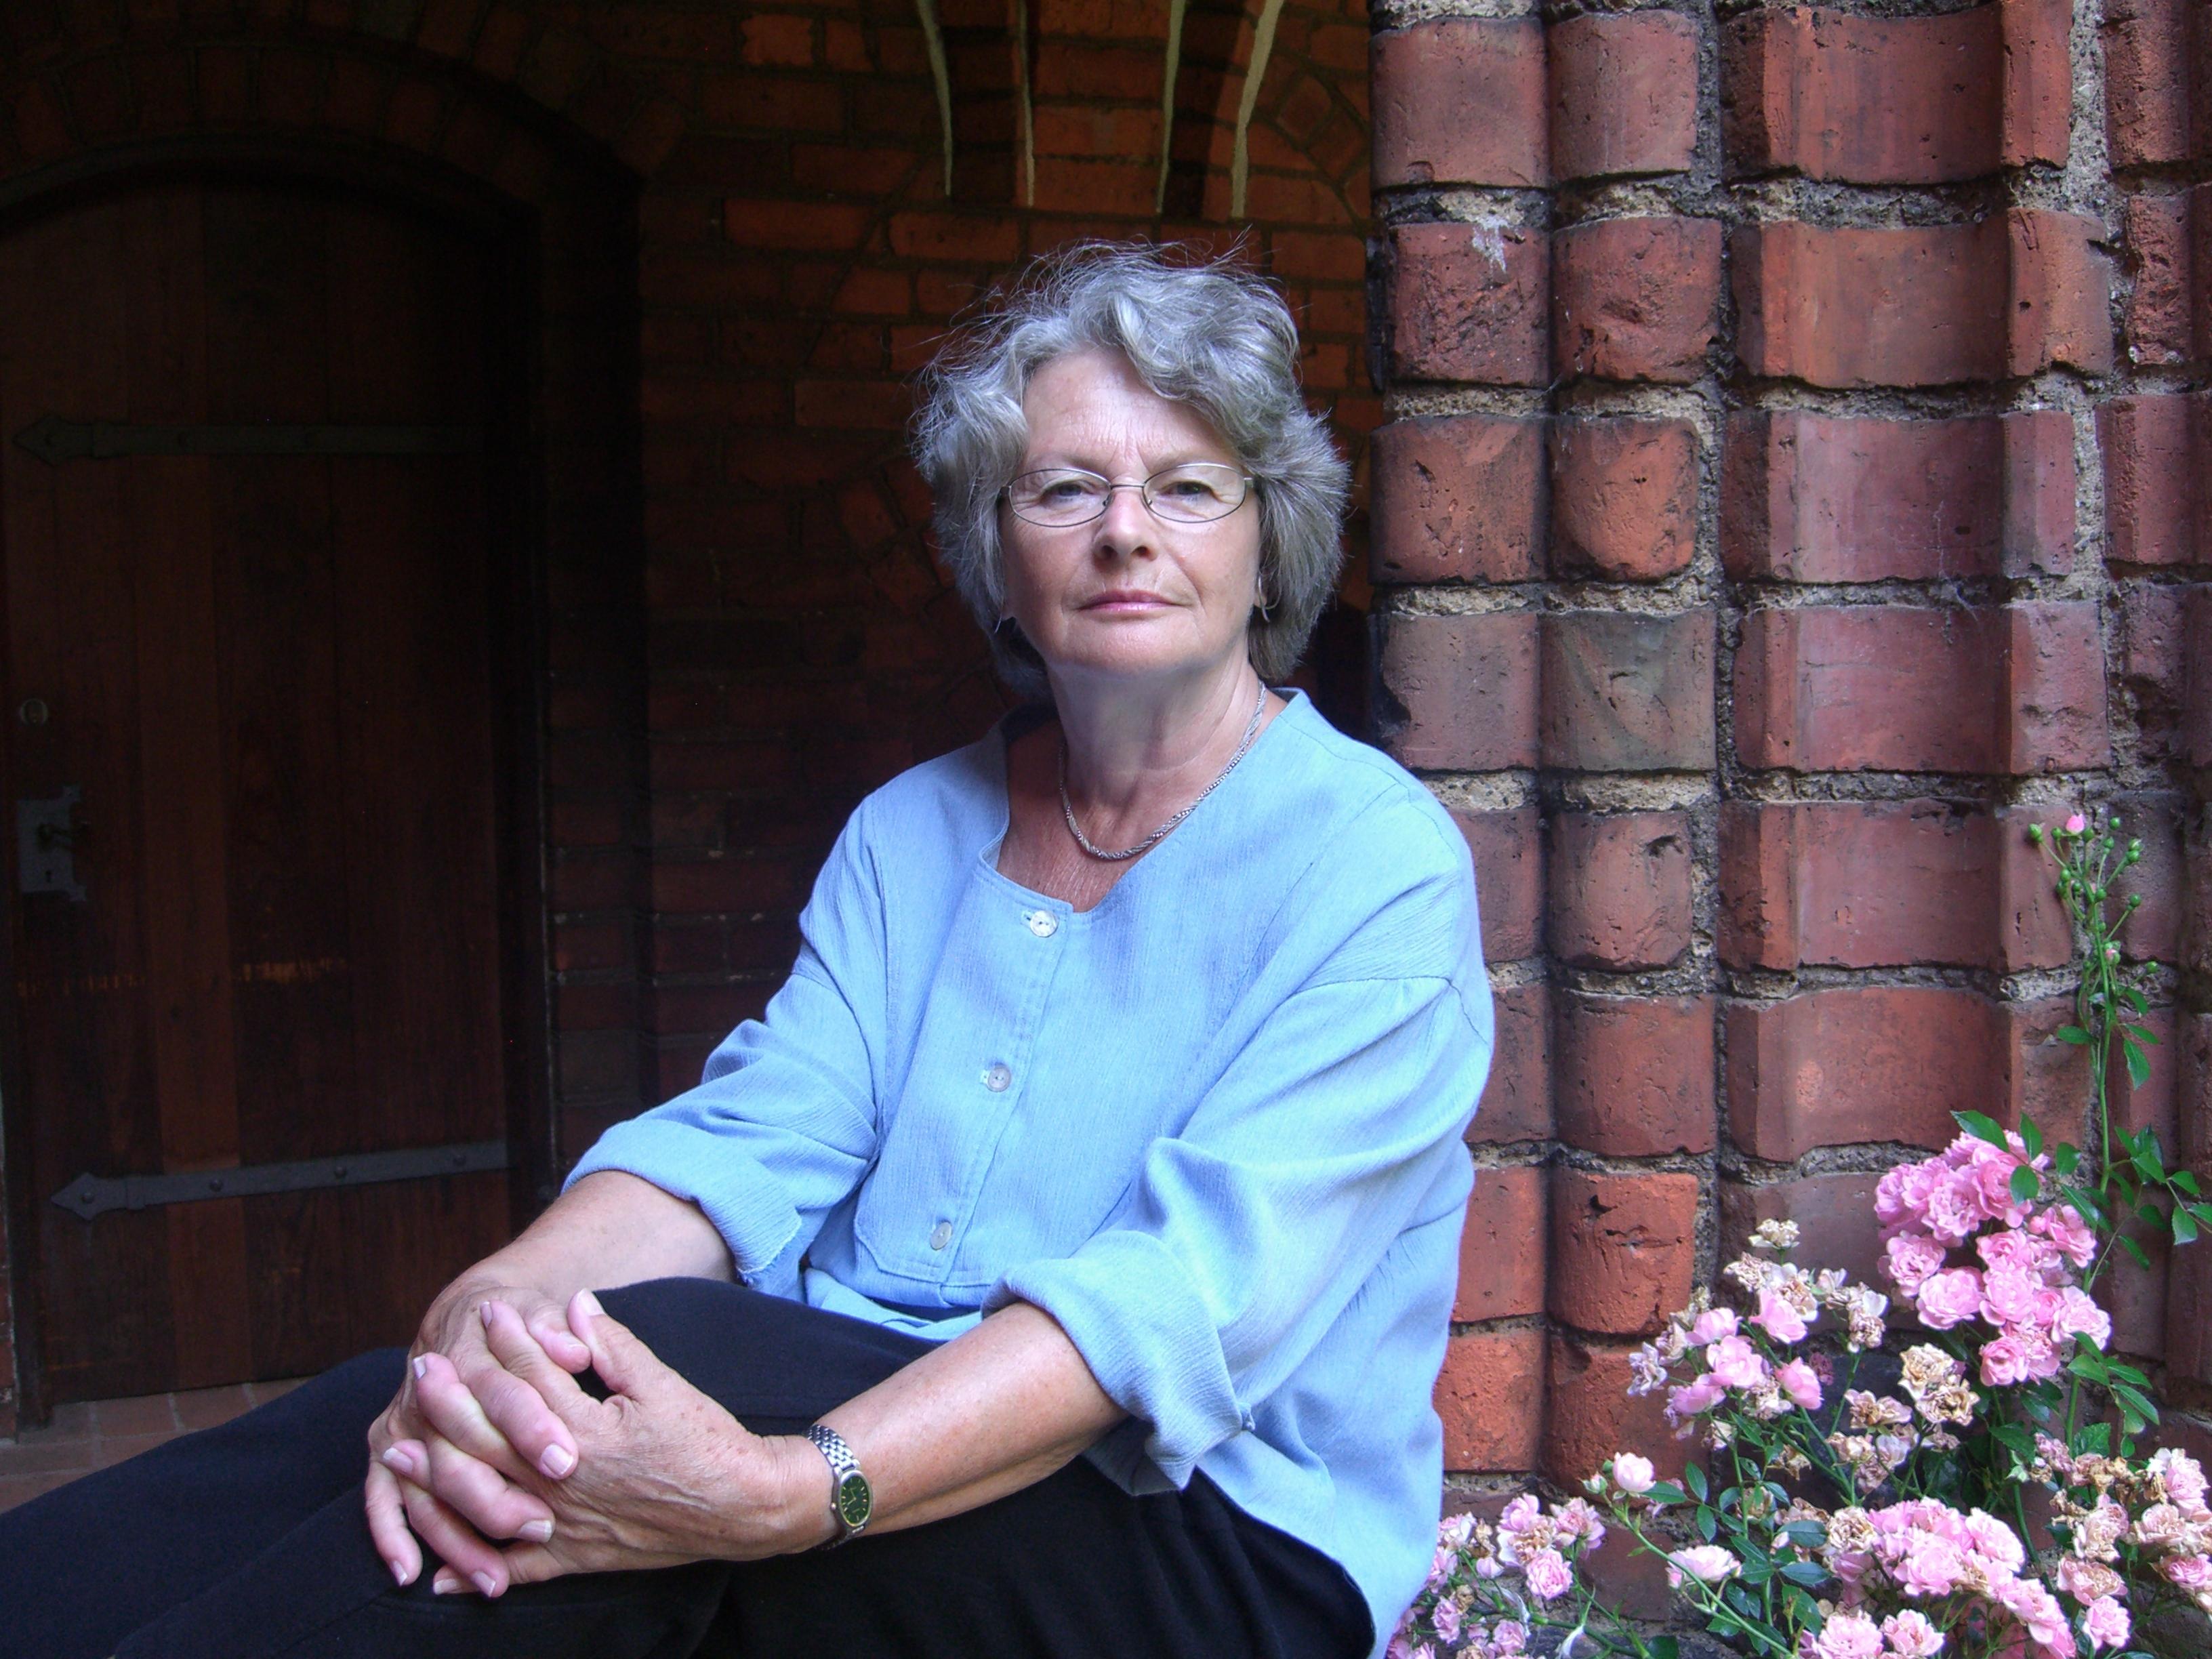 Birgitte Jørkov